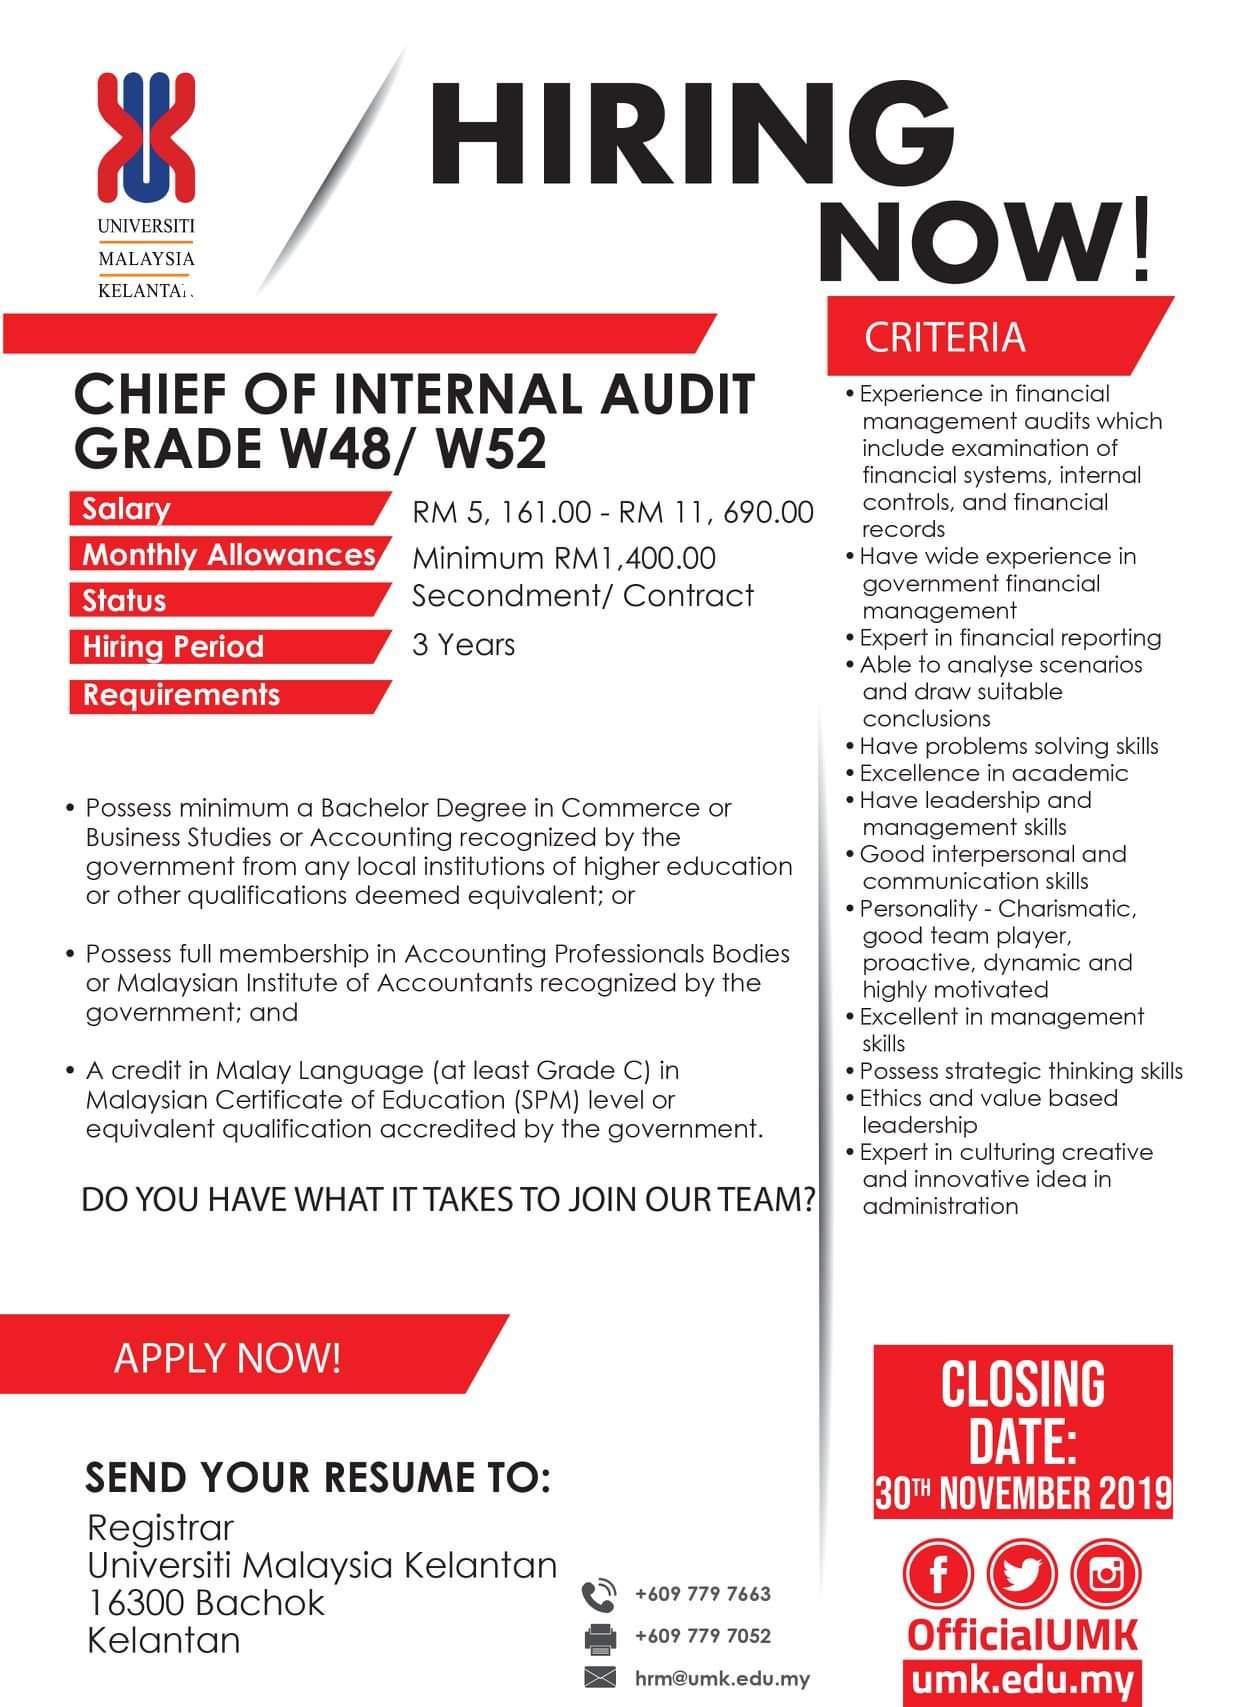 Ketua Unit Audit Dalam Gred W48 W52